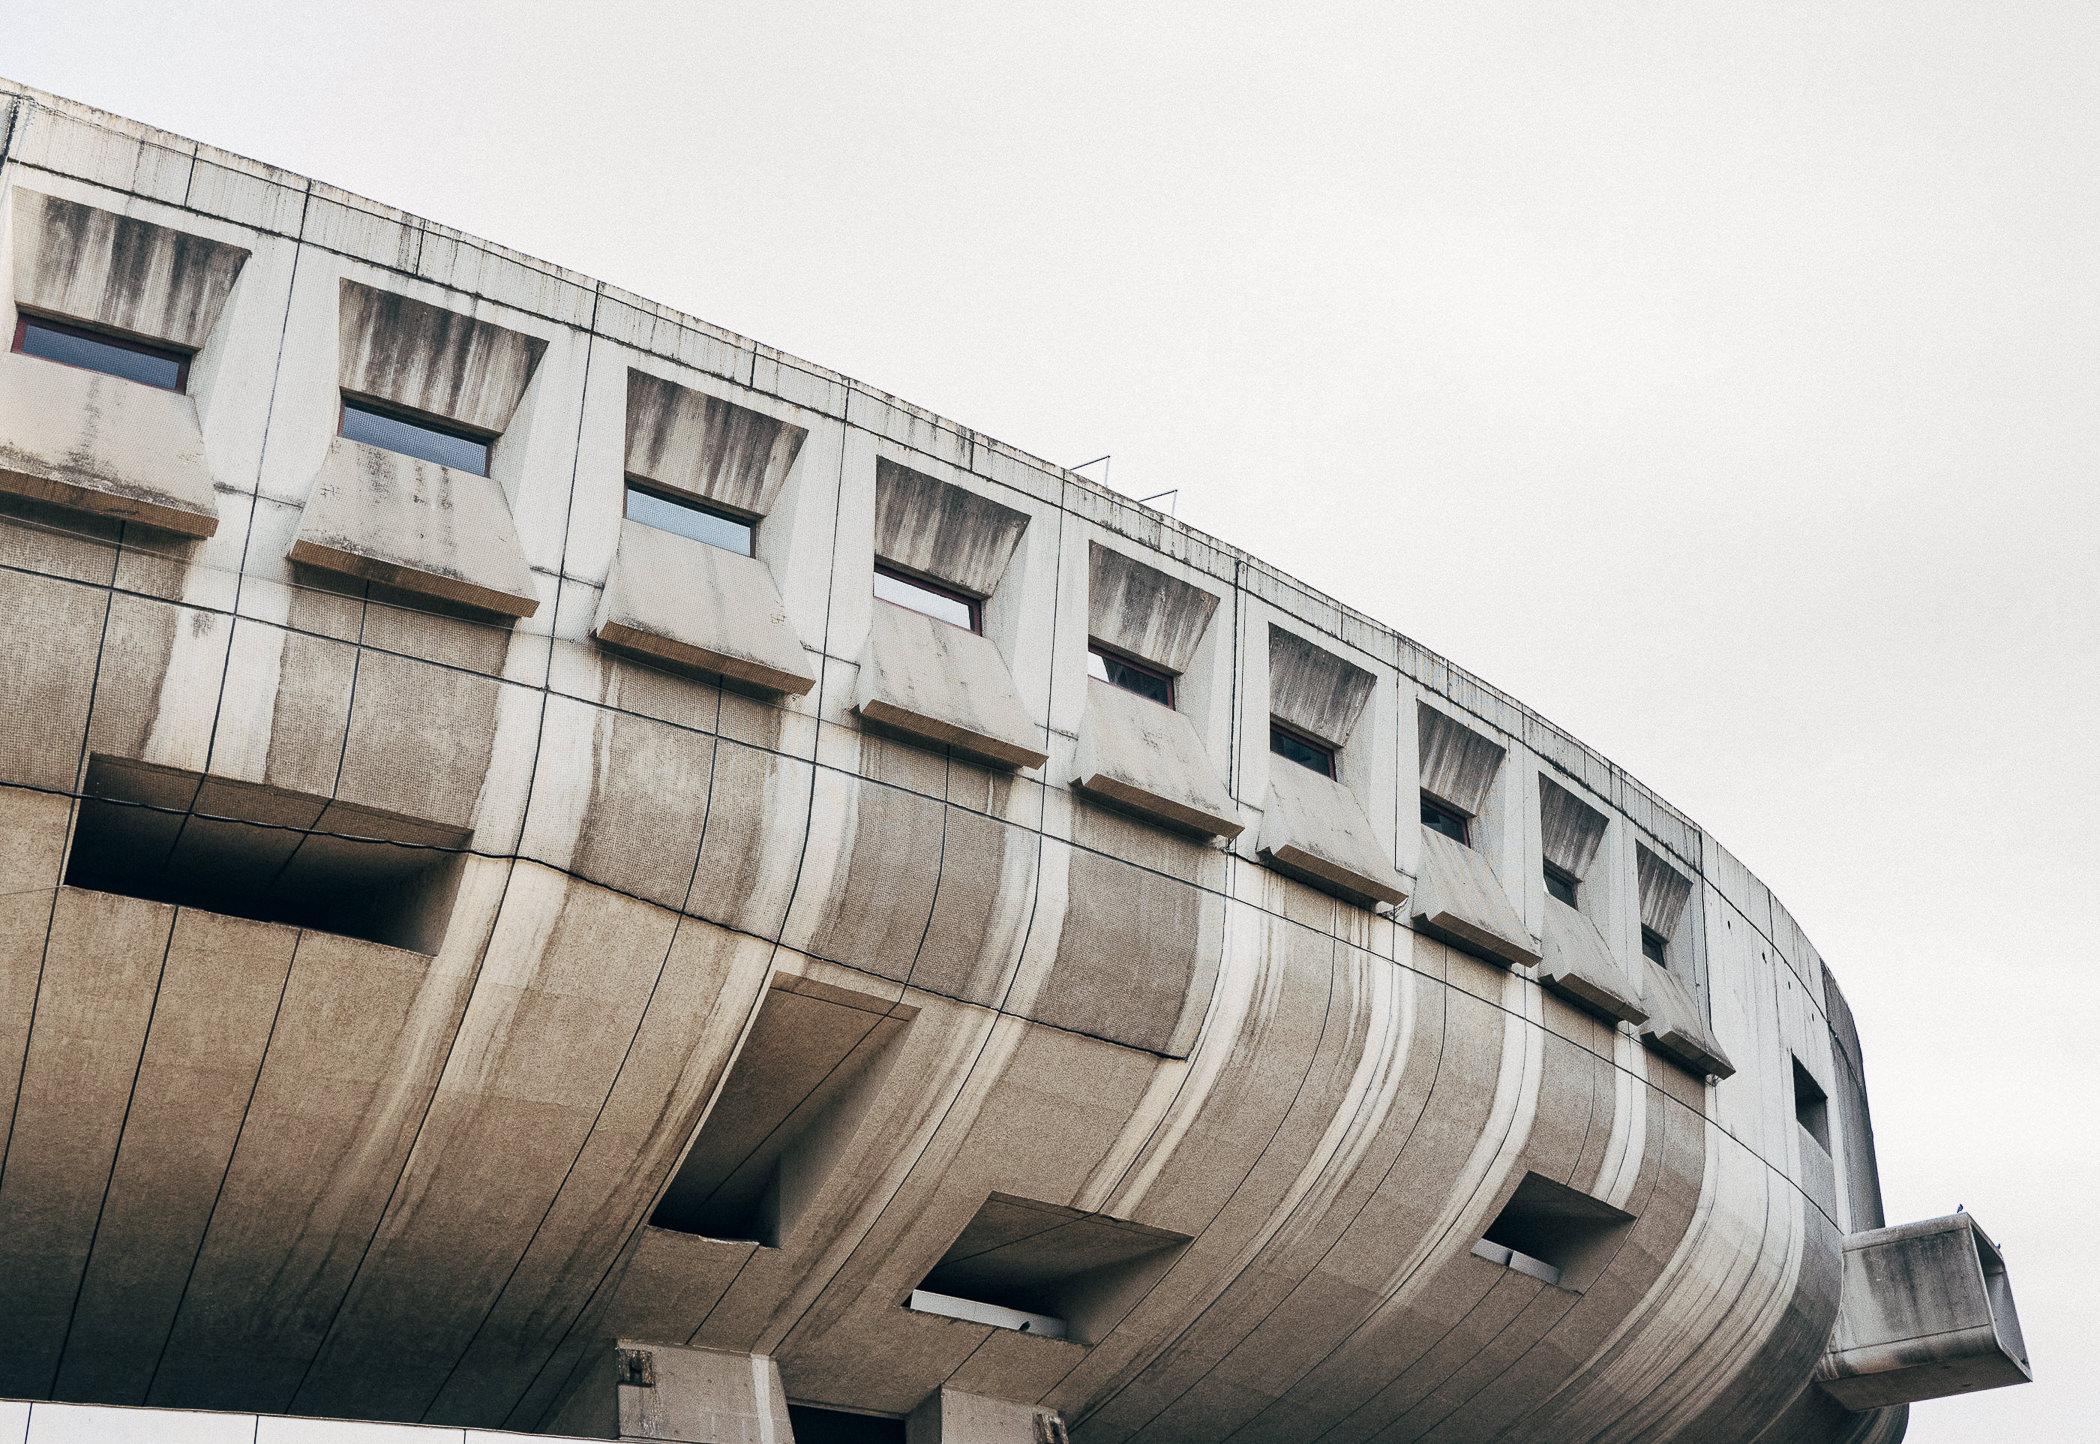 ARCHITECTURE_56.jpg